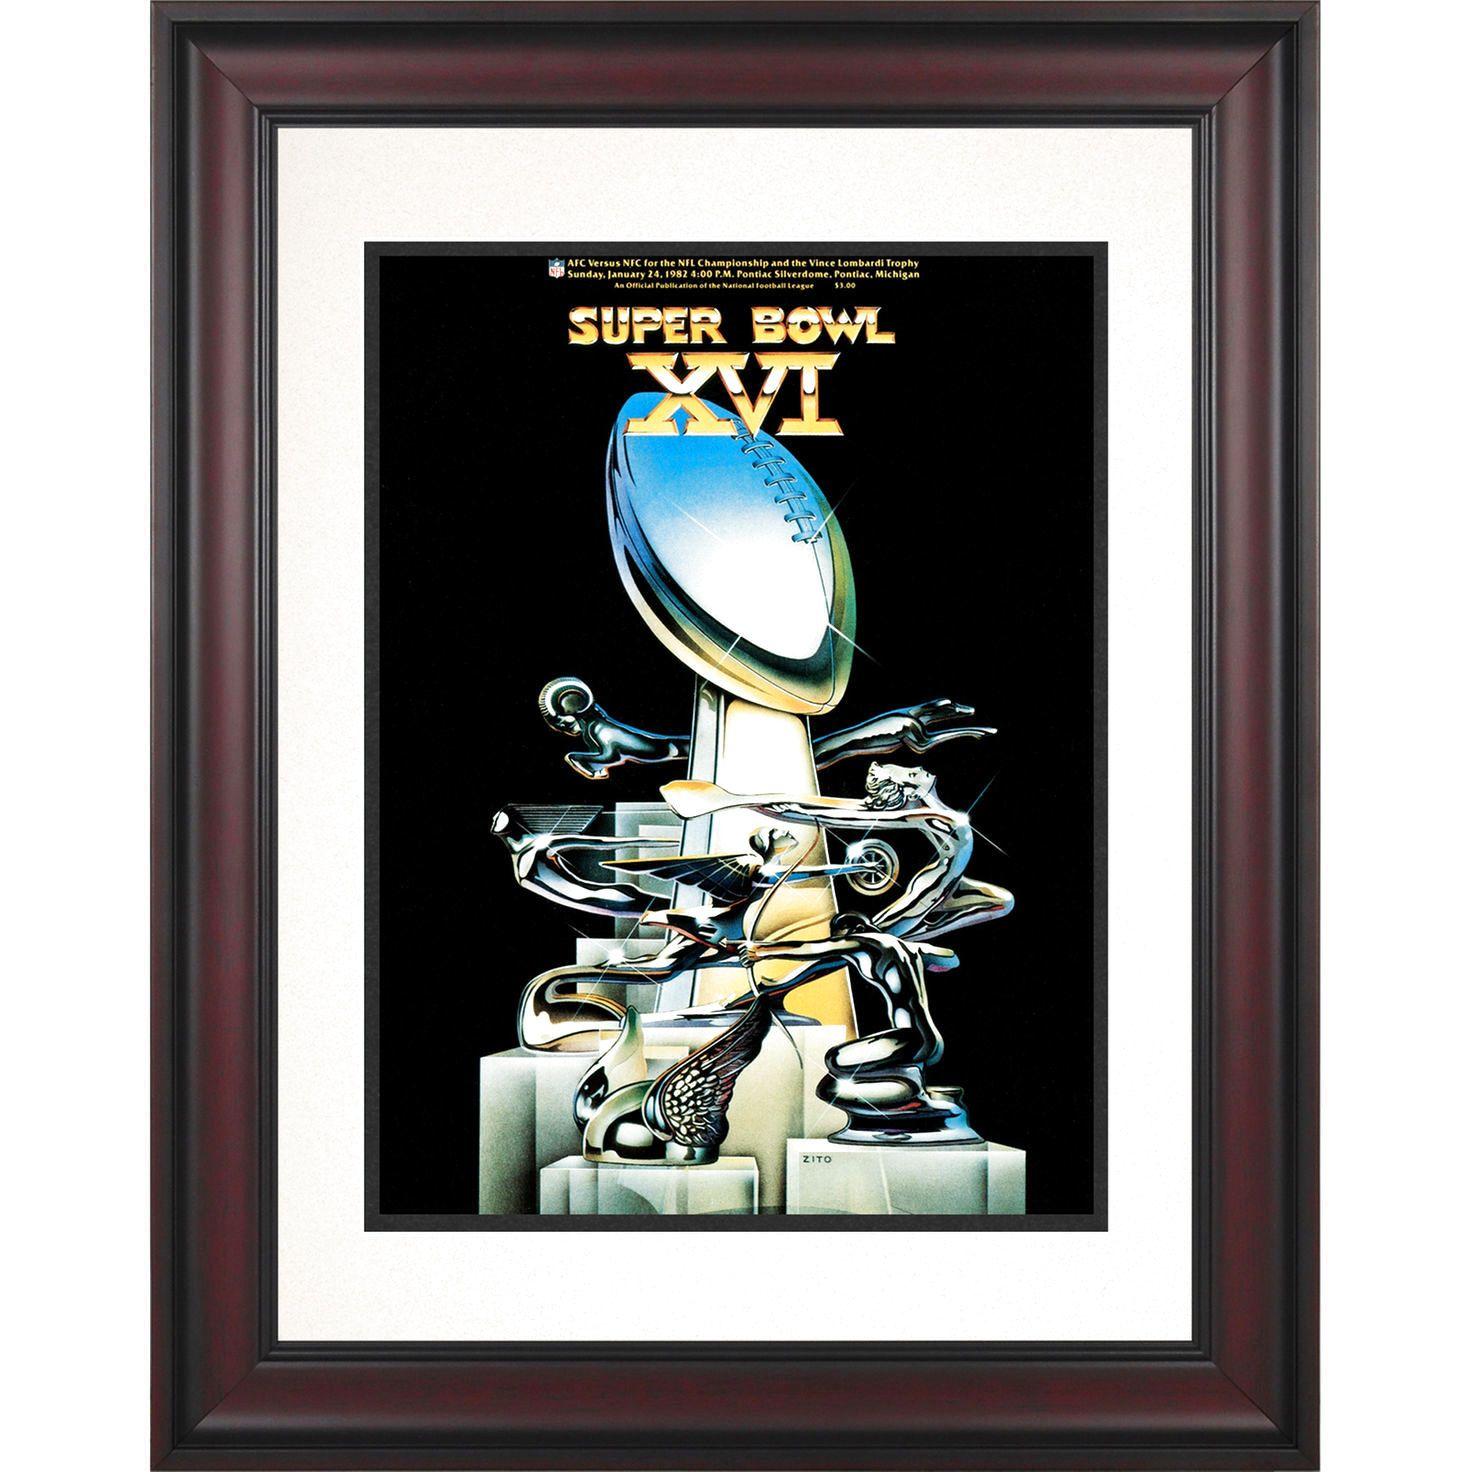 """Fanatics Authentic 1982 49ers vs. Bengals Framed 10.5"""" x 14"""" Super Bowl XVI Program - $71.99"""